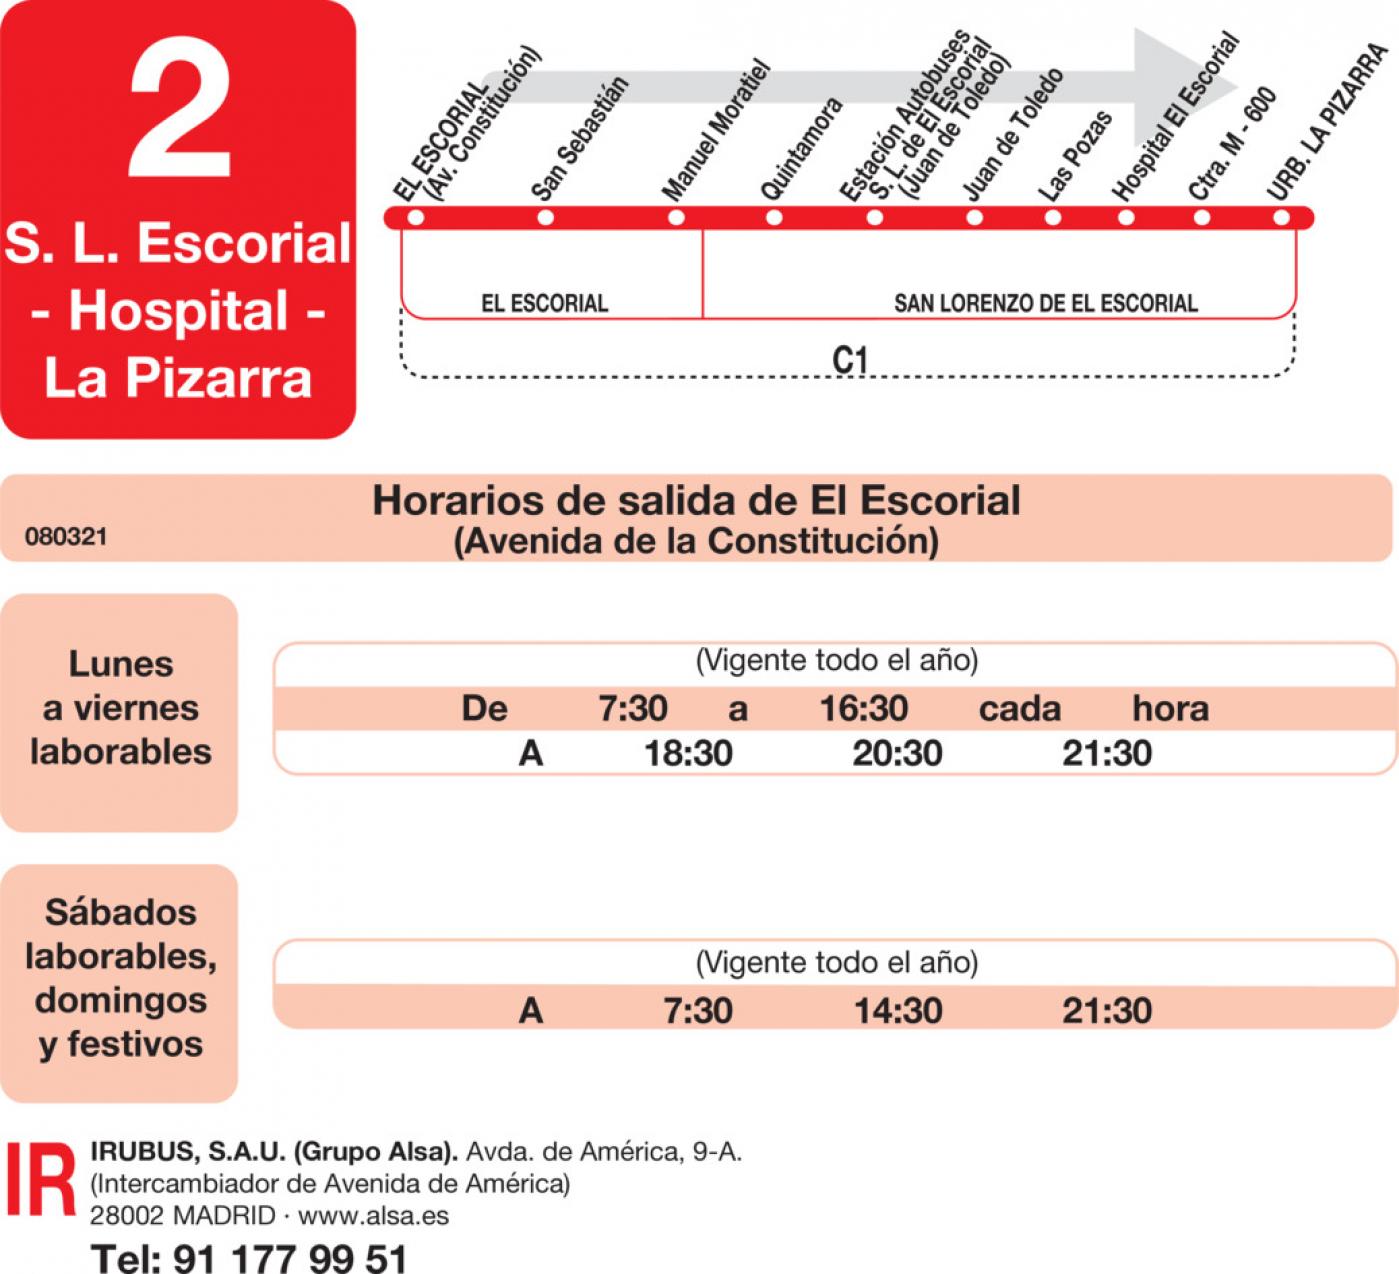 Tabla de horarios y frecuencias de paso en sentido ida Línea L-2 El Escorial: El Escorial - San Lorenzo de El Escorial - Hospital - La Pizarra